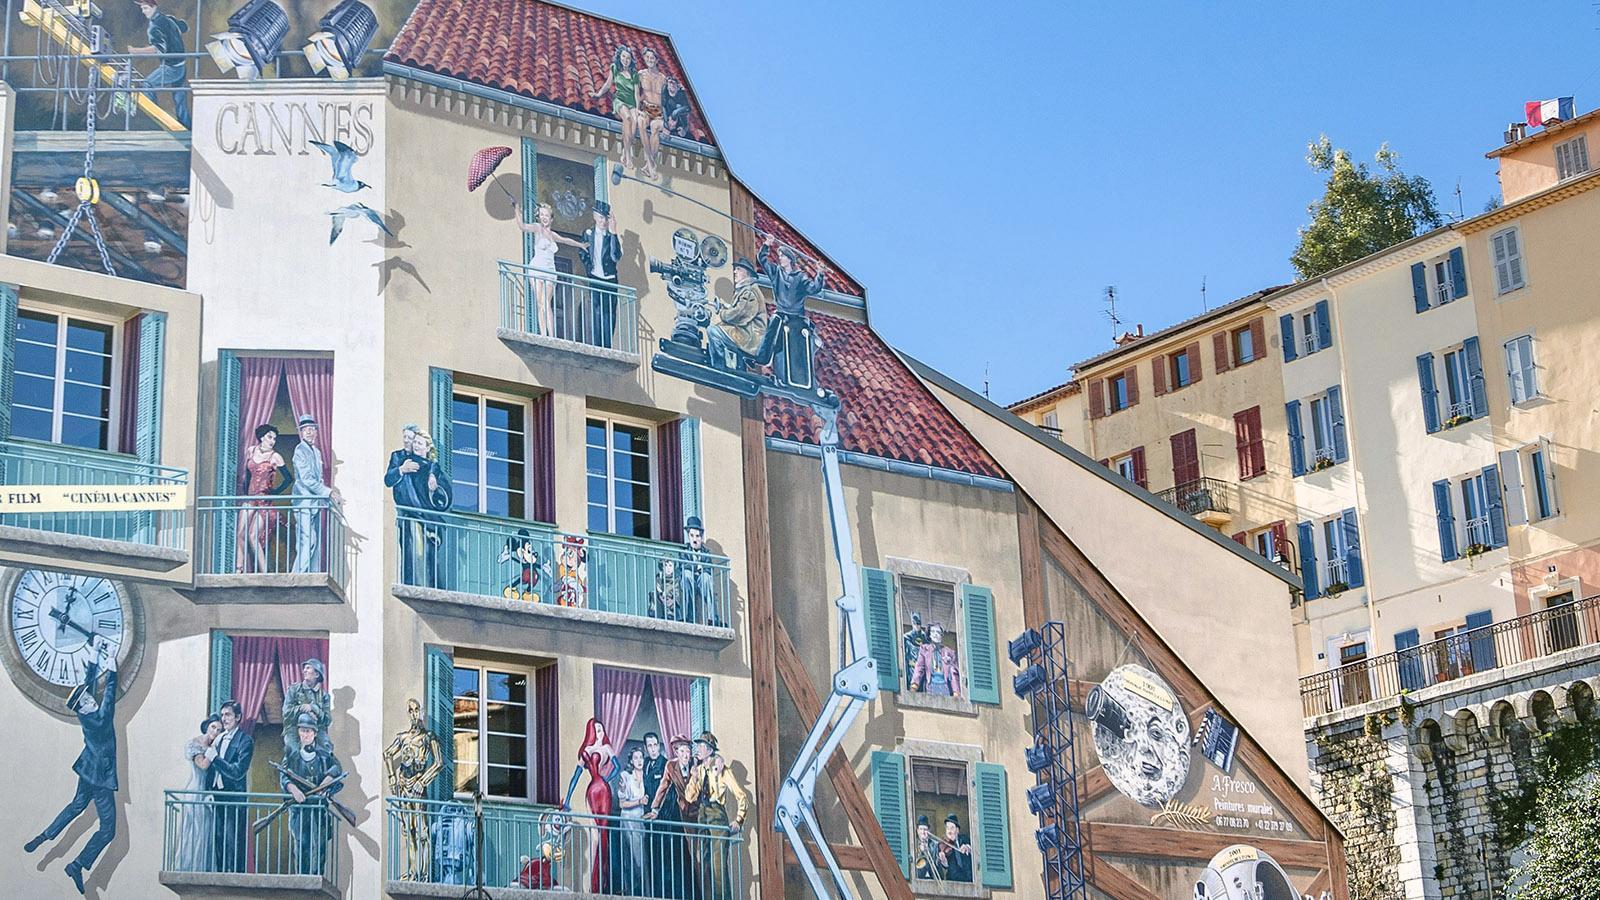 Cannes: Auch am Busbahnhof erzählen Wandbilder vom Kino. Foto: Hilke Maunder